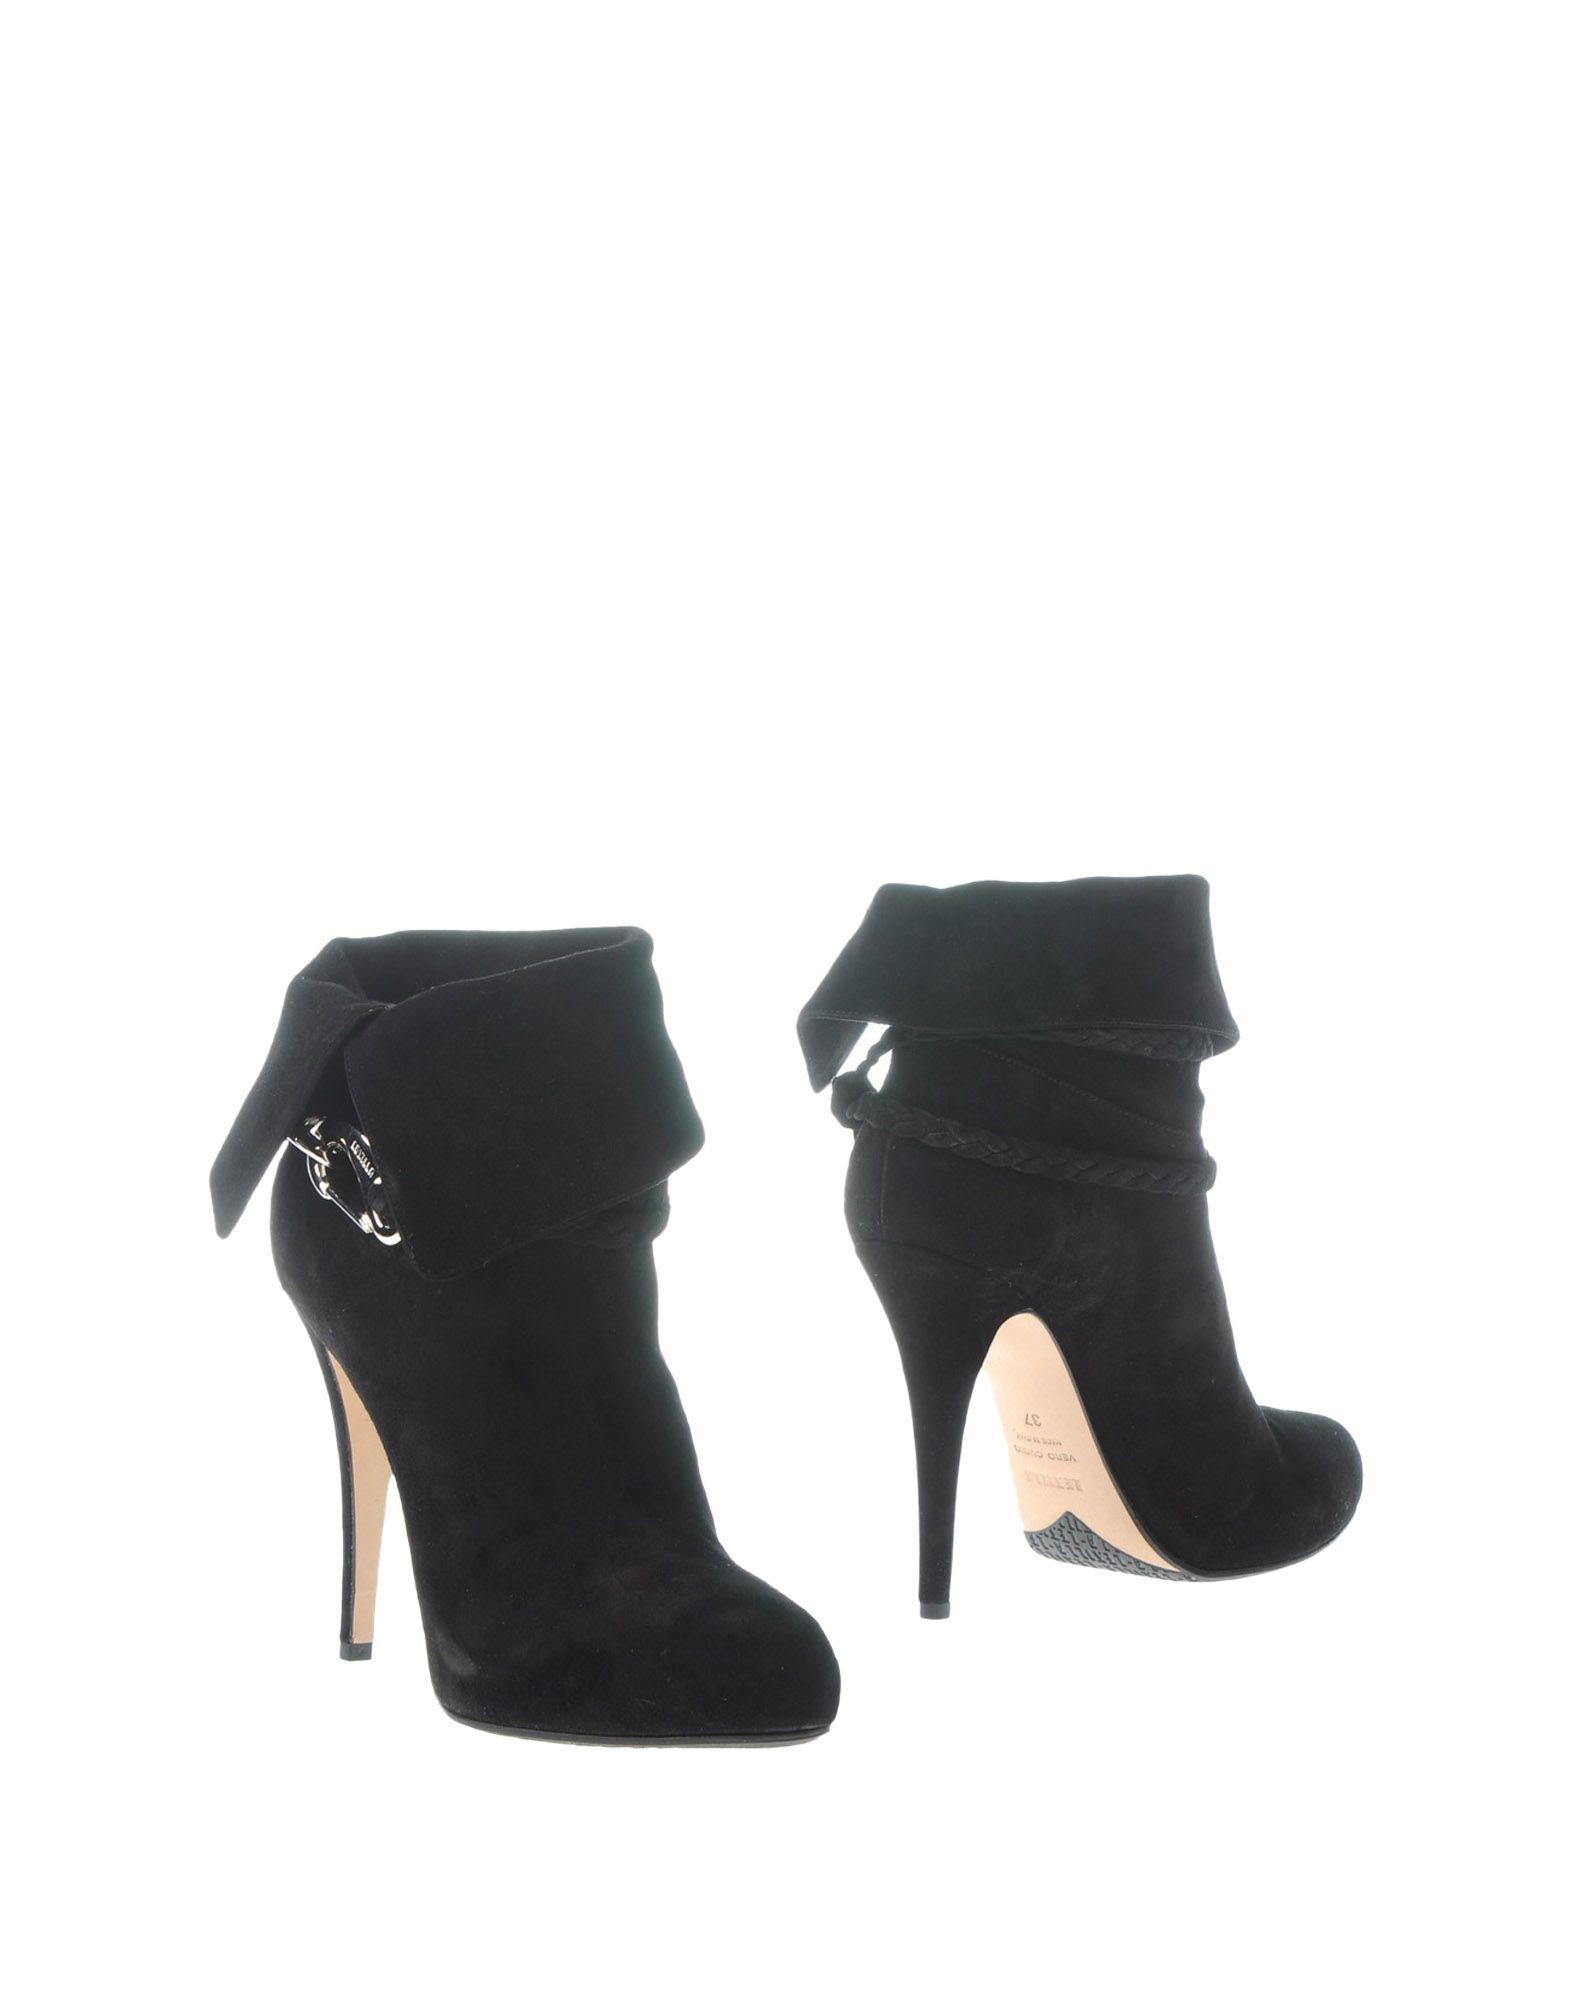 ENIO SILLA for LE SILLA Полусапоги и высокие ботинки enio silla for le silla мюлес и сабо